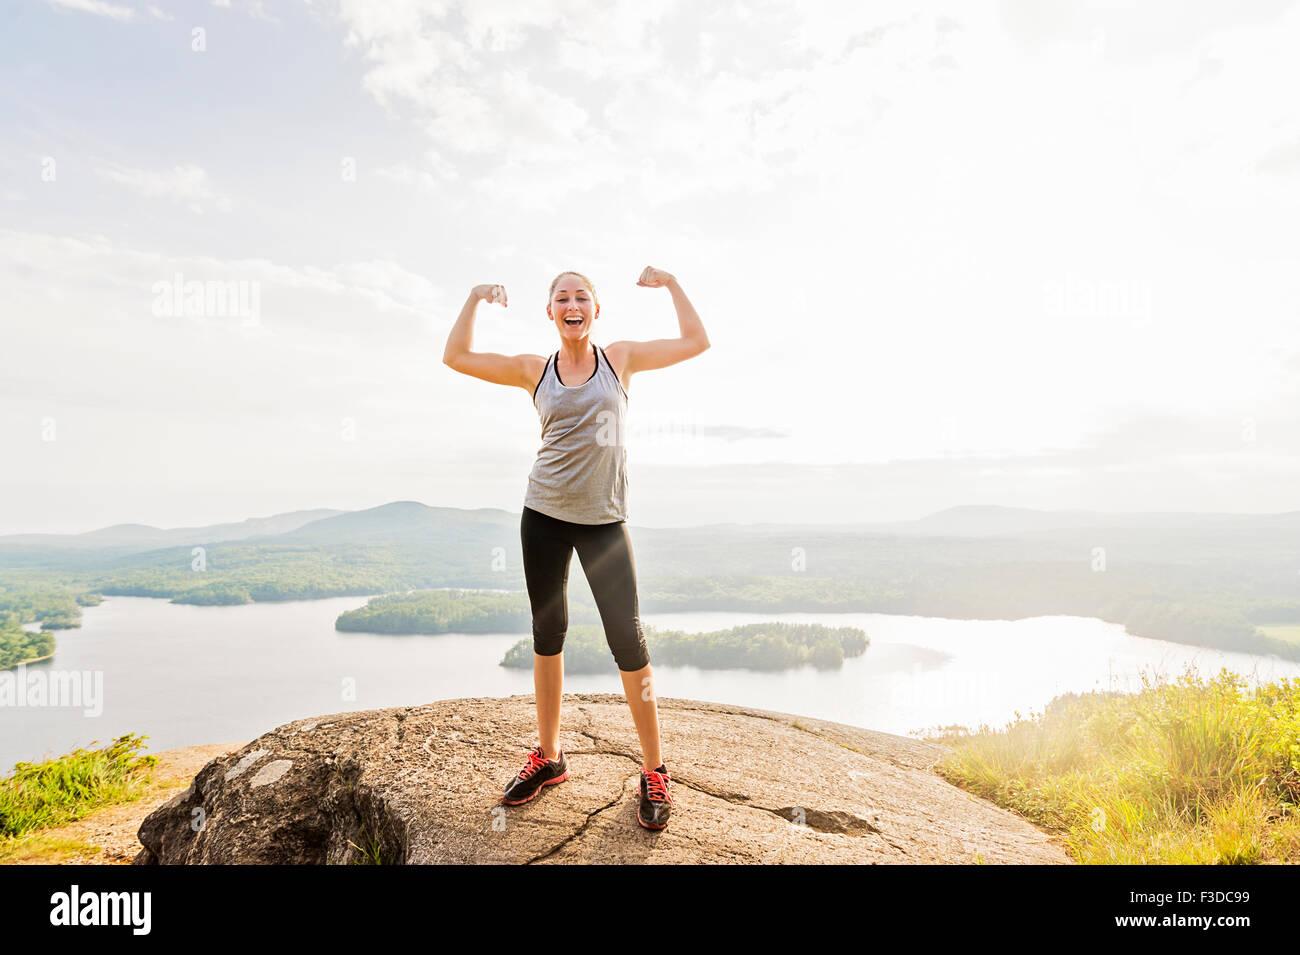 Mujer joven de pie en la cima de la montaña y flexionar los músculos Imagen De Stock